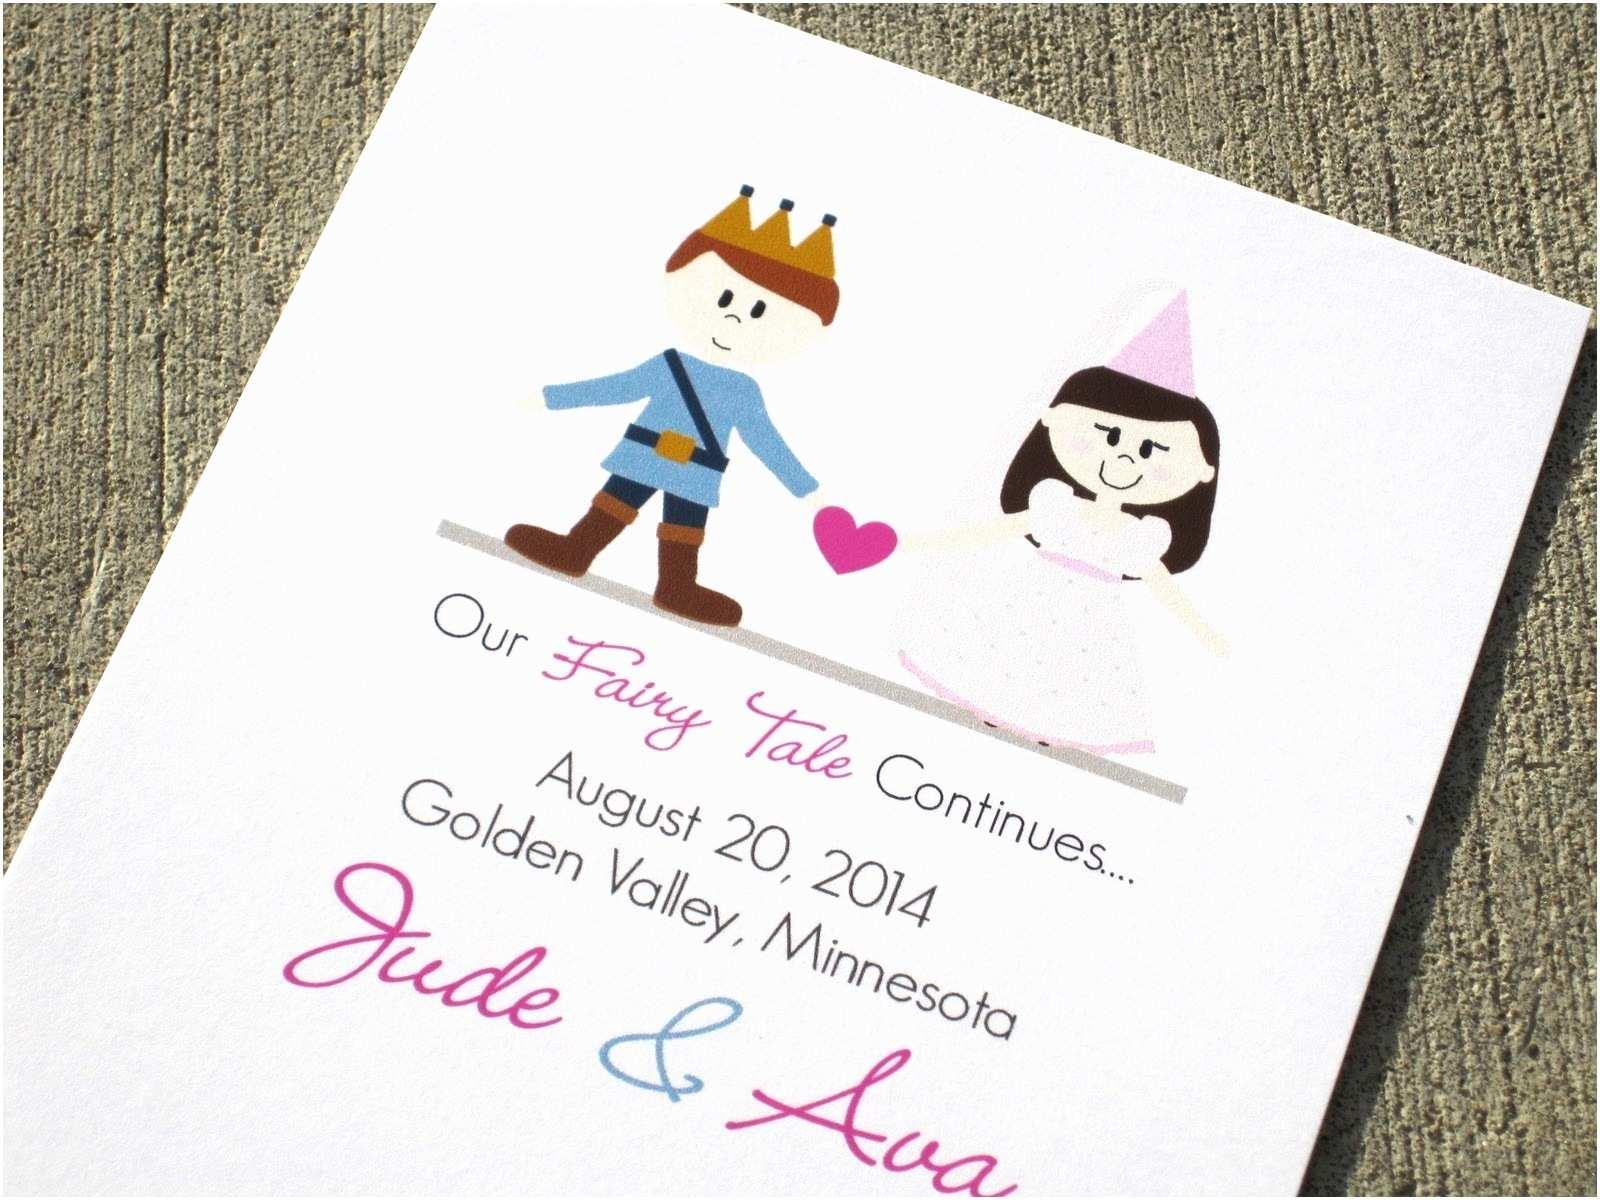 Cute Wedding Invitation Wording Cute Wedding Invitations Ideas